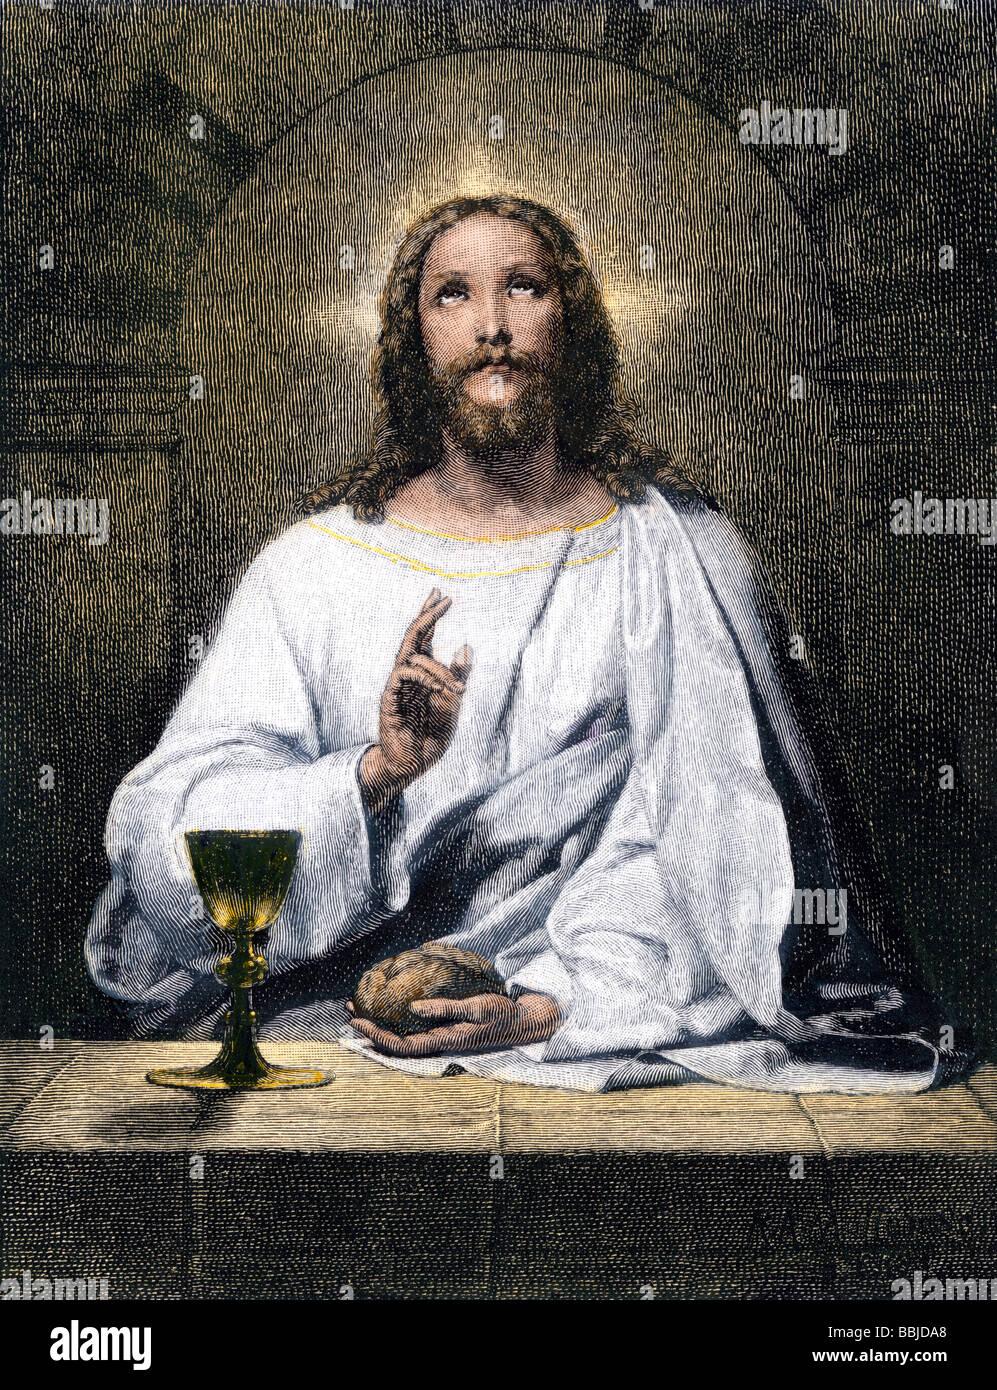 La bendición de Jesús, pan y vino de Emaús. Xilografía coloreada a mano Imagen De Stock